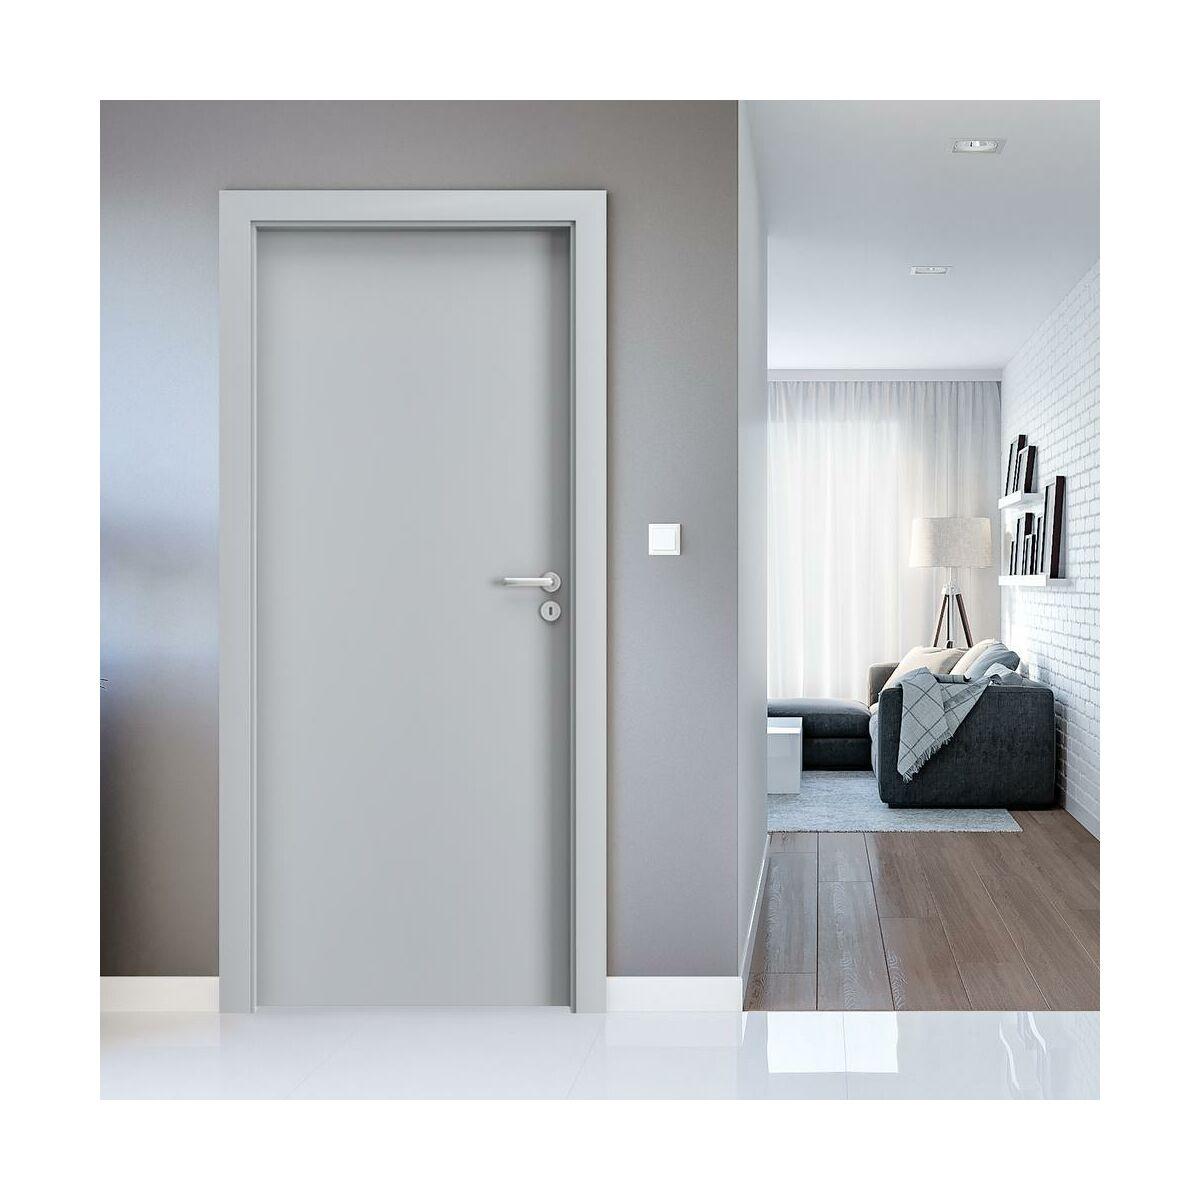 Skrzydlo Drzwiowe Pelne Cpl 1 1 Popielate 90 Prawe Porta Drzwi Wewnetrzne W Atrakcyjnej Cenie W Sklepach Leroy Merlin